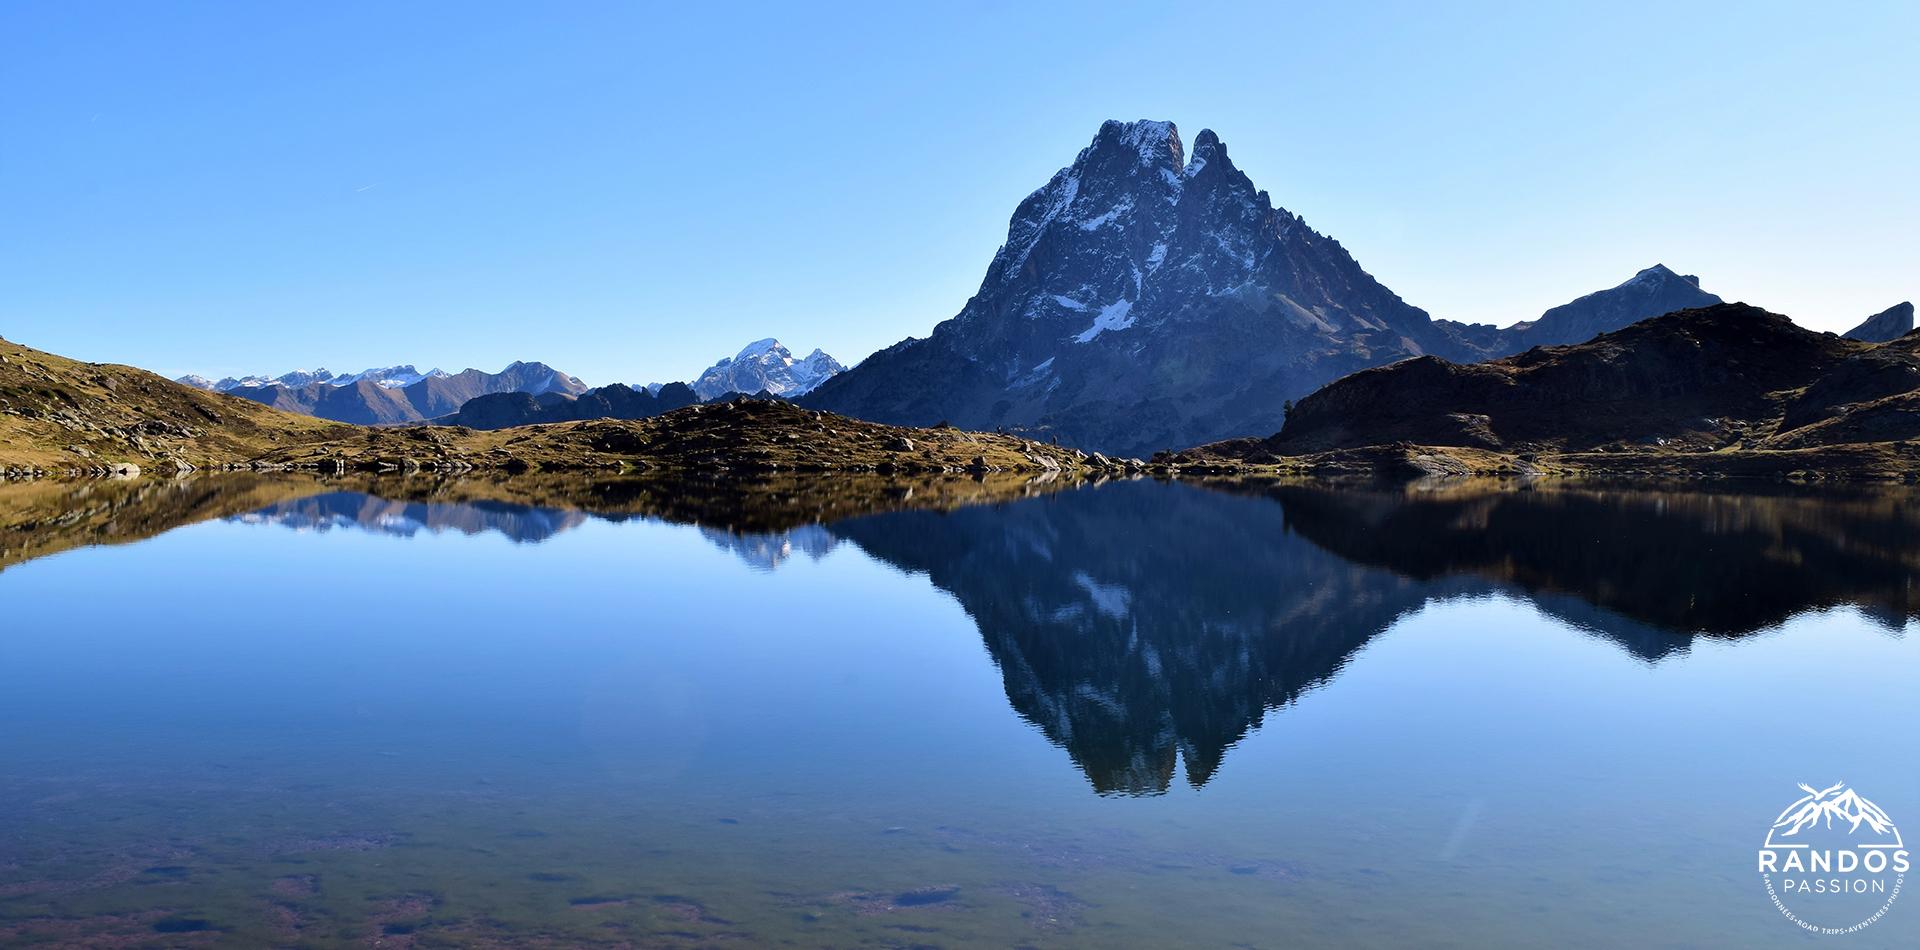 Le lac gentau et le pic du Midi d'Ossau